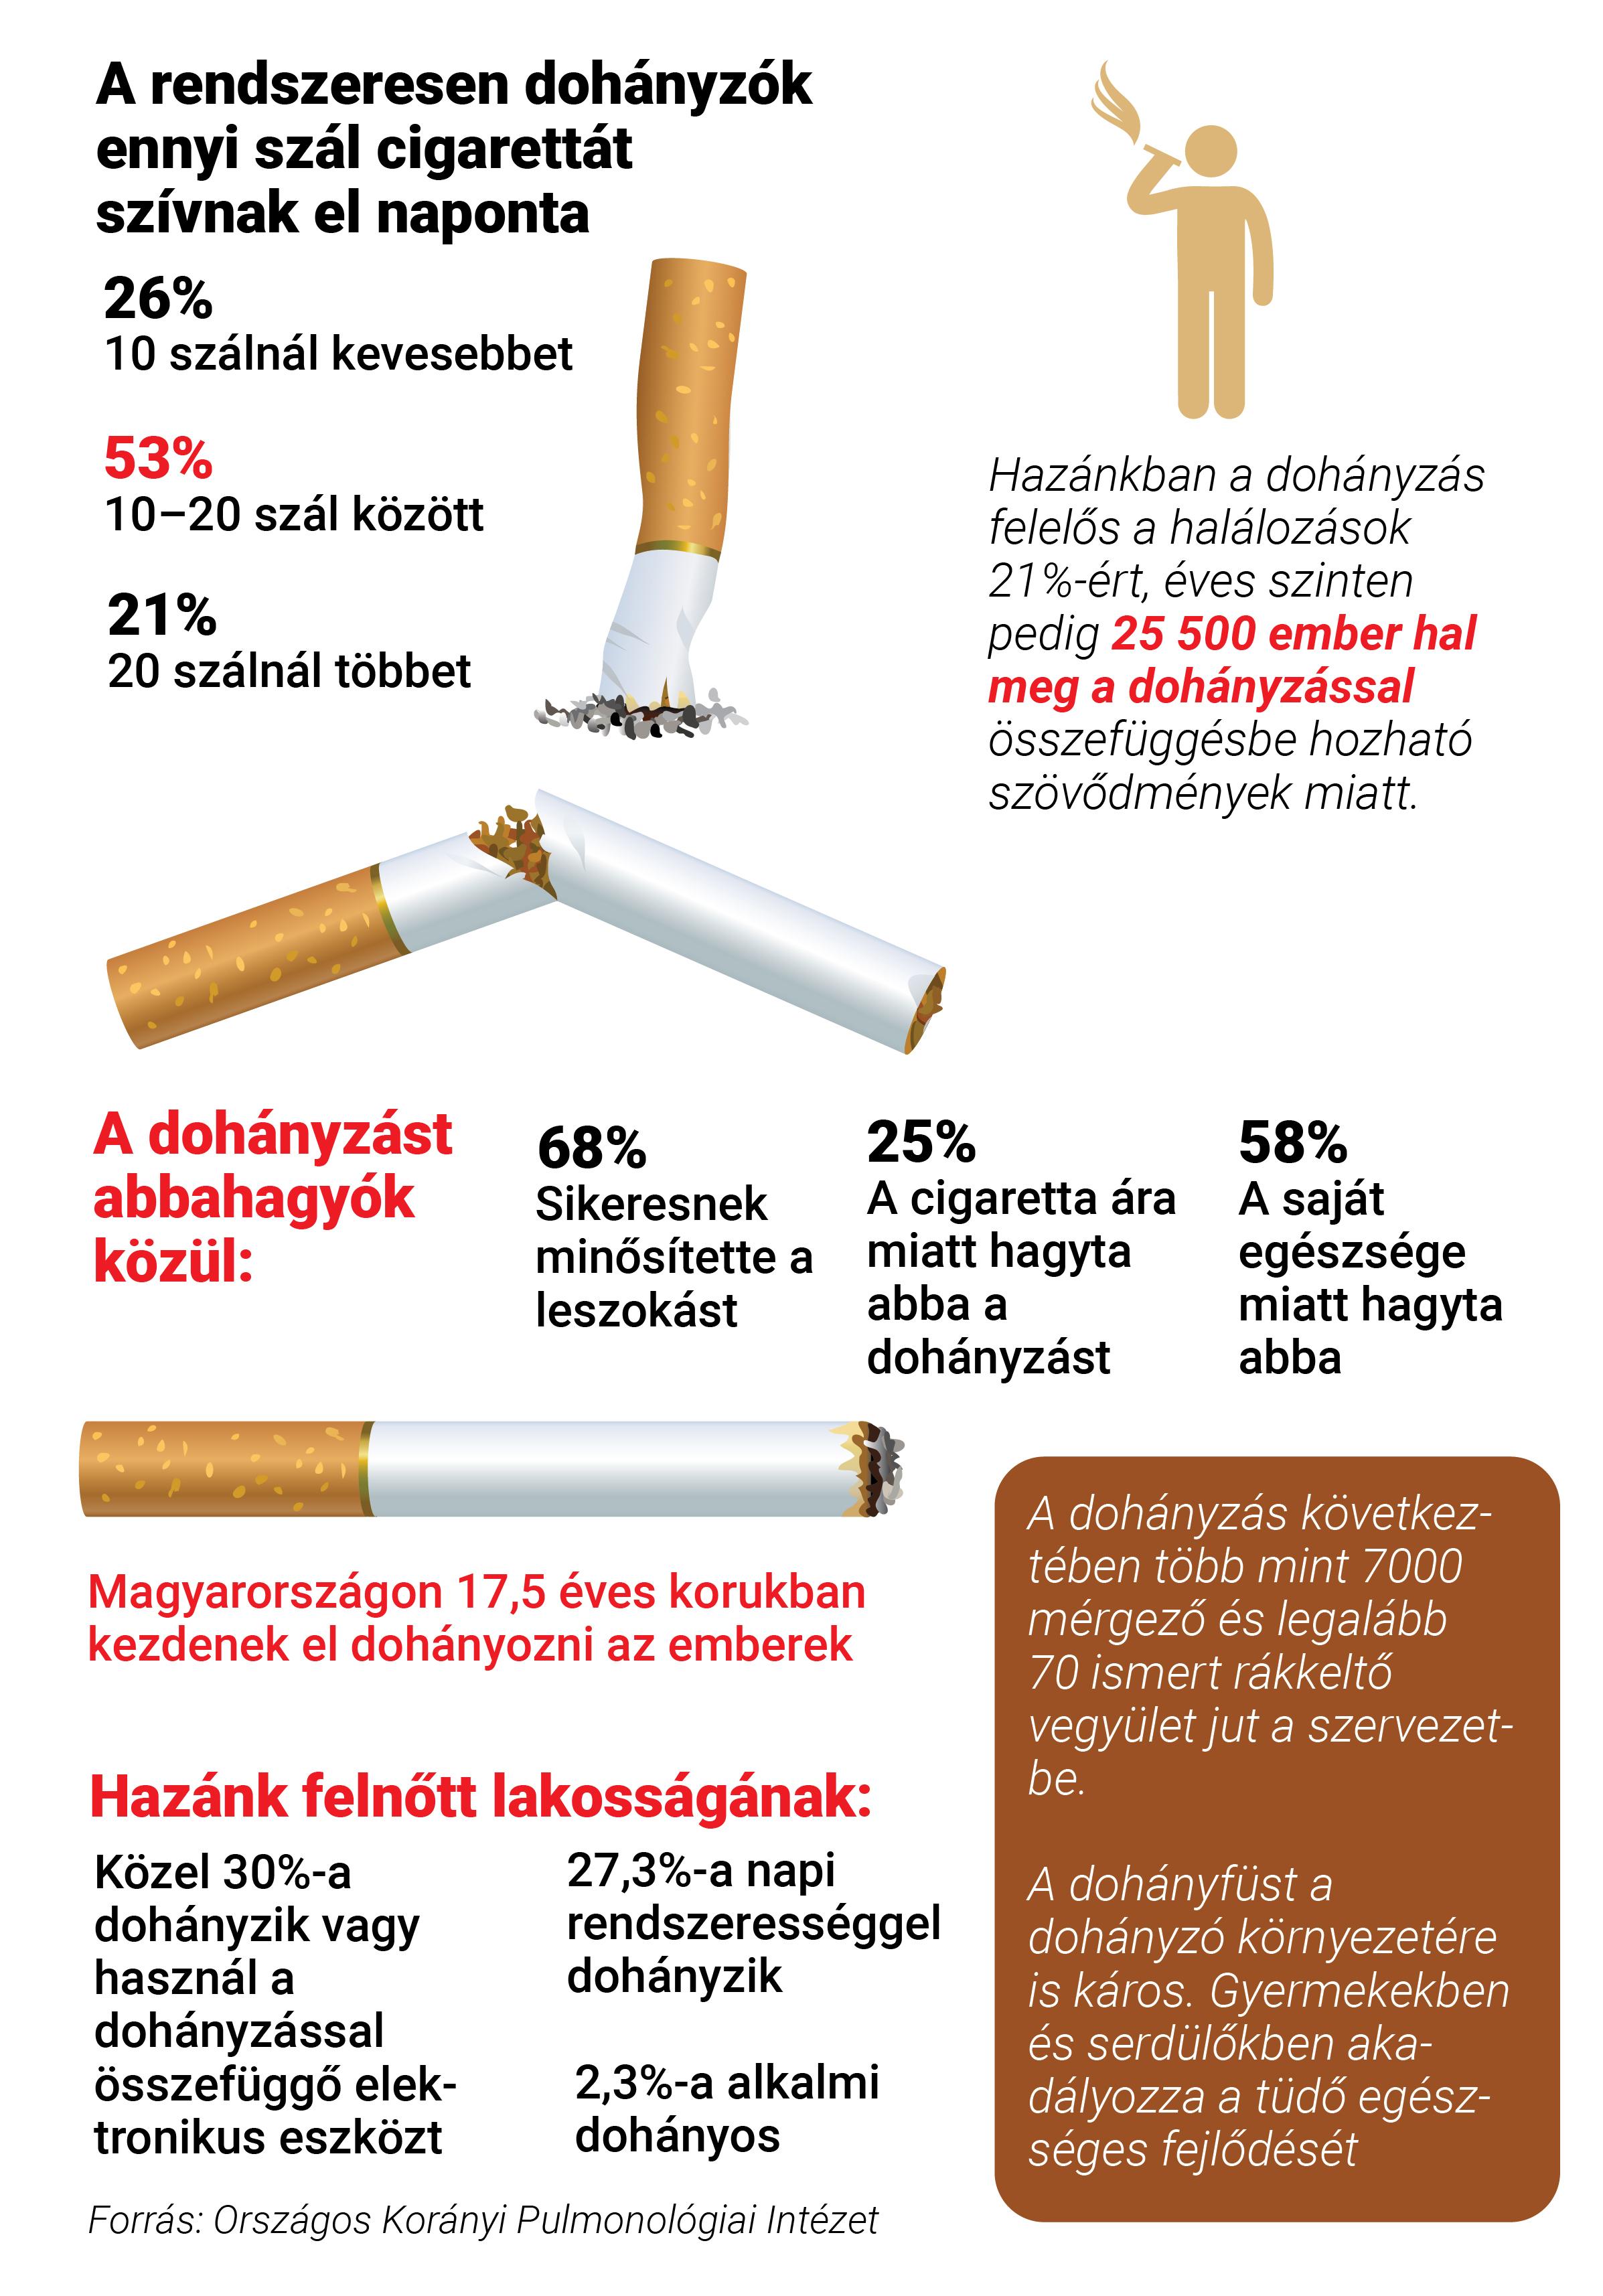 60 év után káros a dohányzásról való leszokás